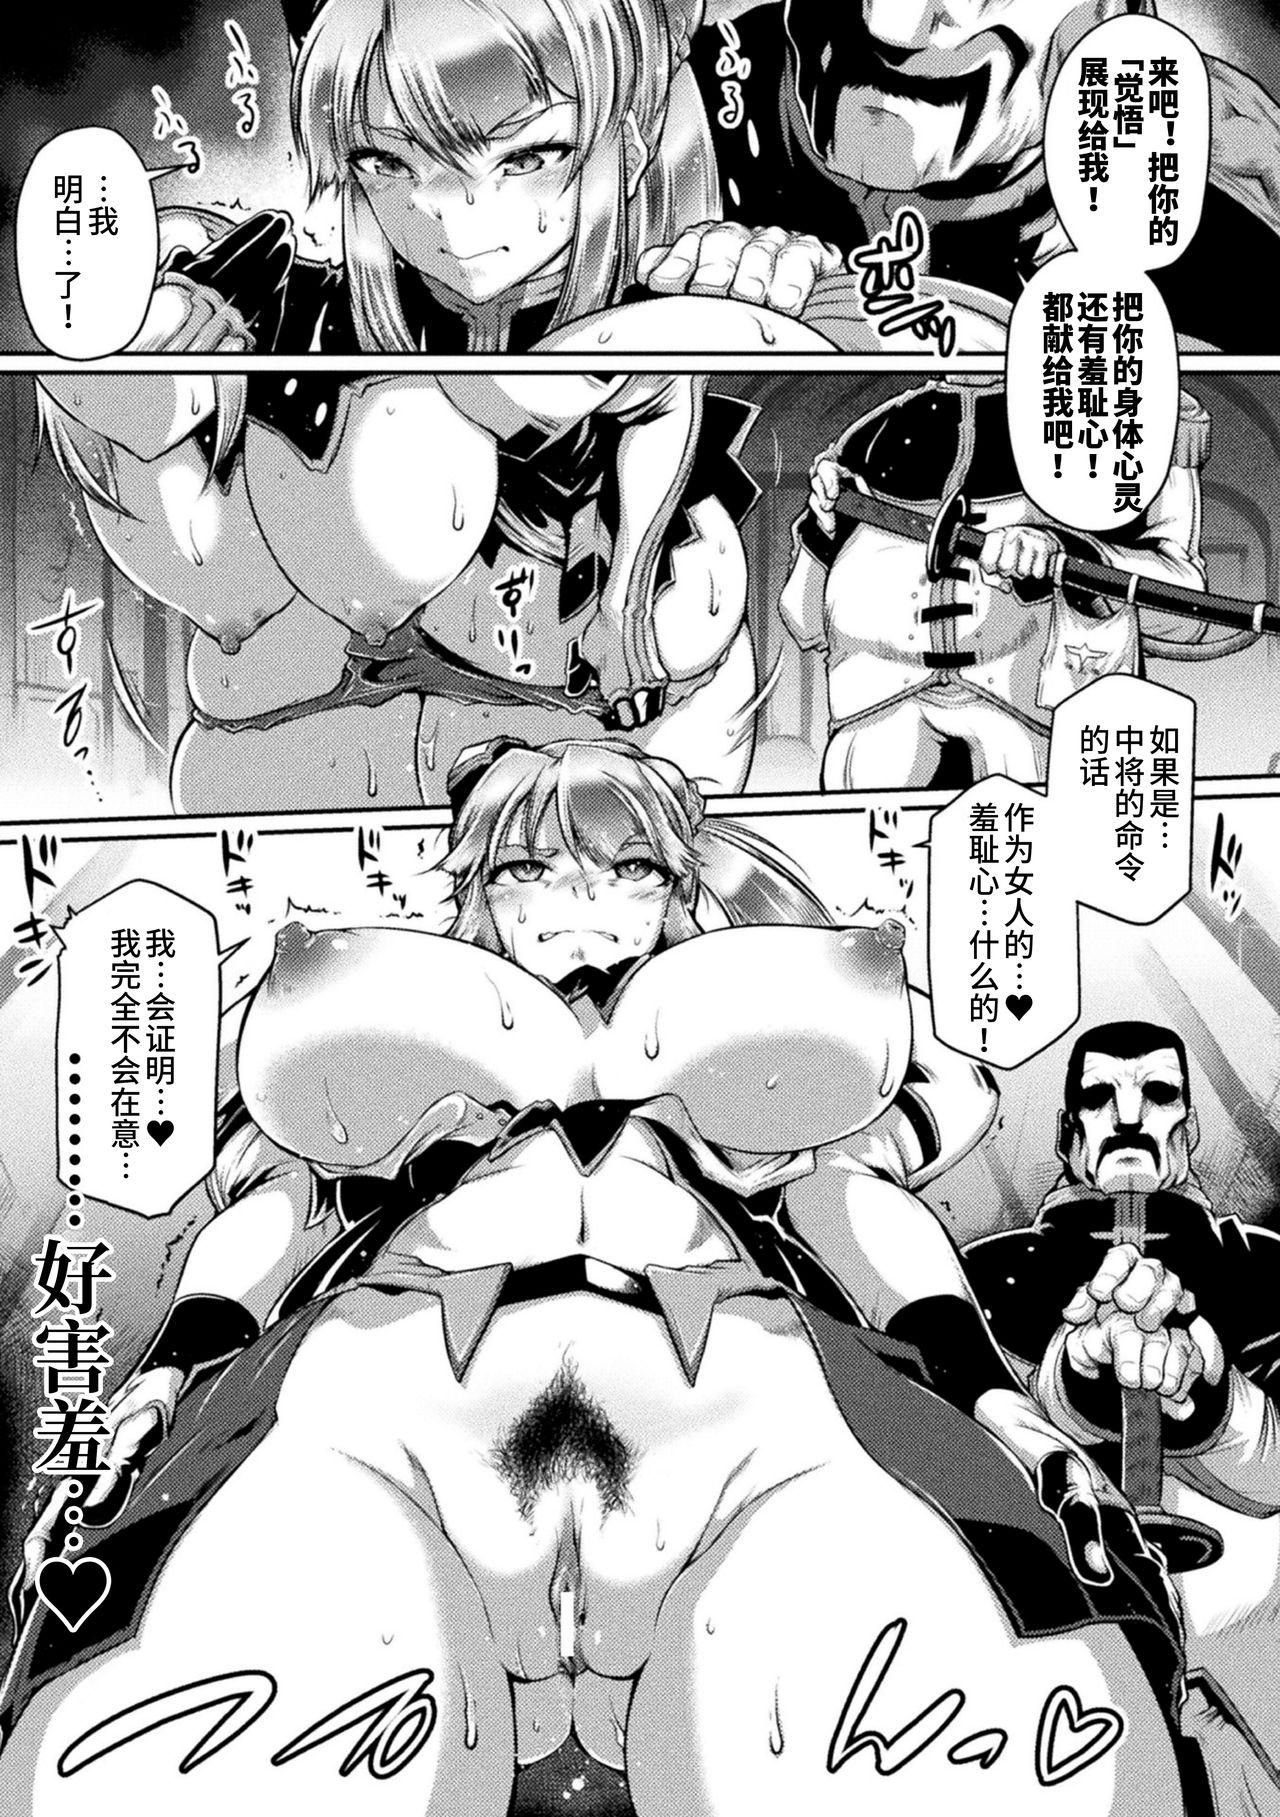 2D Comic Magazine Seigi no Heroine VS Tanetsuke Oji-san Vol. 2 69